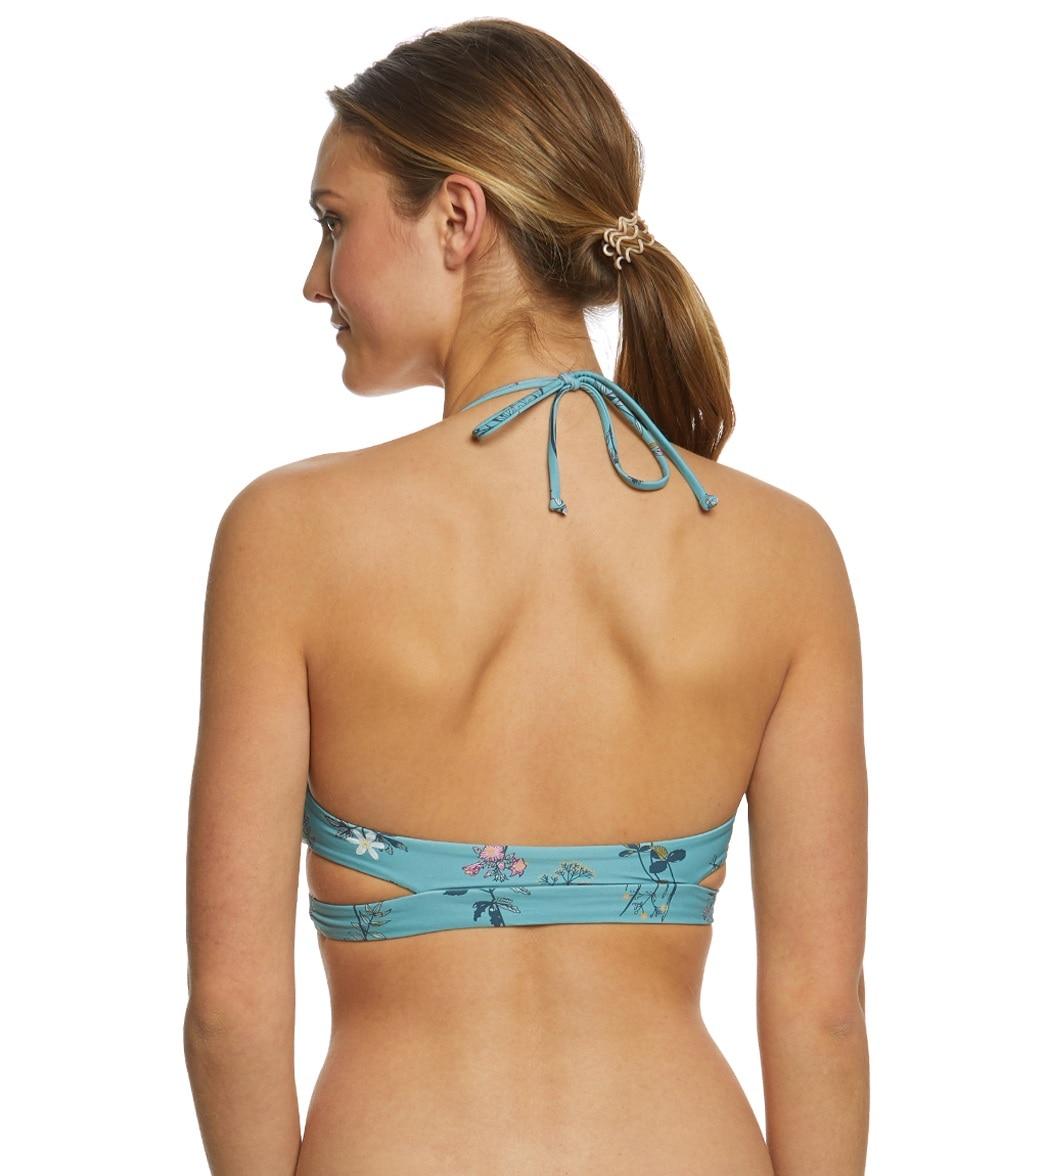 3f88de22960 O'Neill Piper Floral Wrap Bikini Top at SwimOutlet.com - Free Shipping